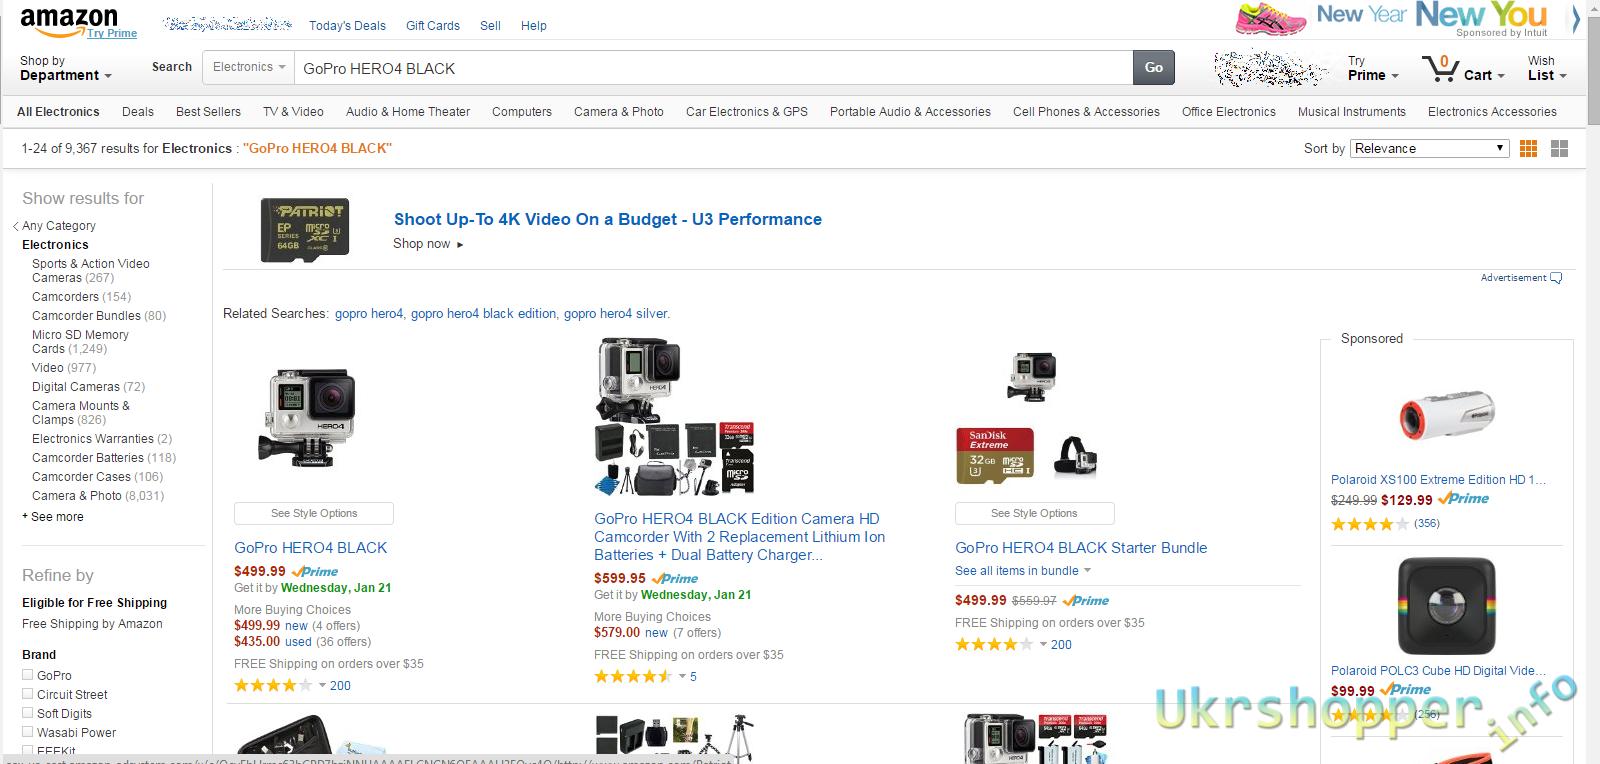 Другие - США: Как начать покупать в США и перестать беспокоиться, часть 1 - регистрация и покупка GoPro Hero 4